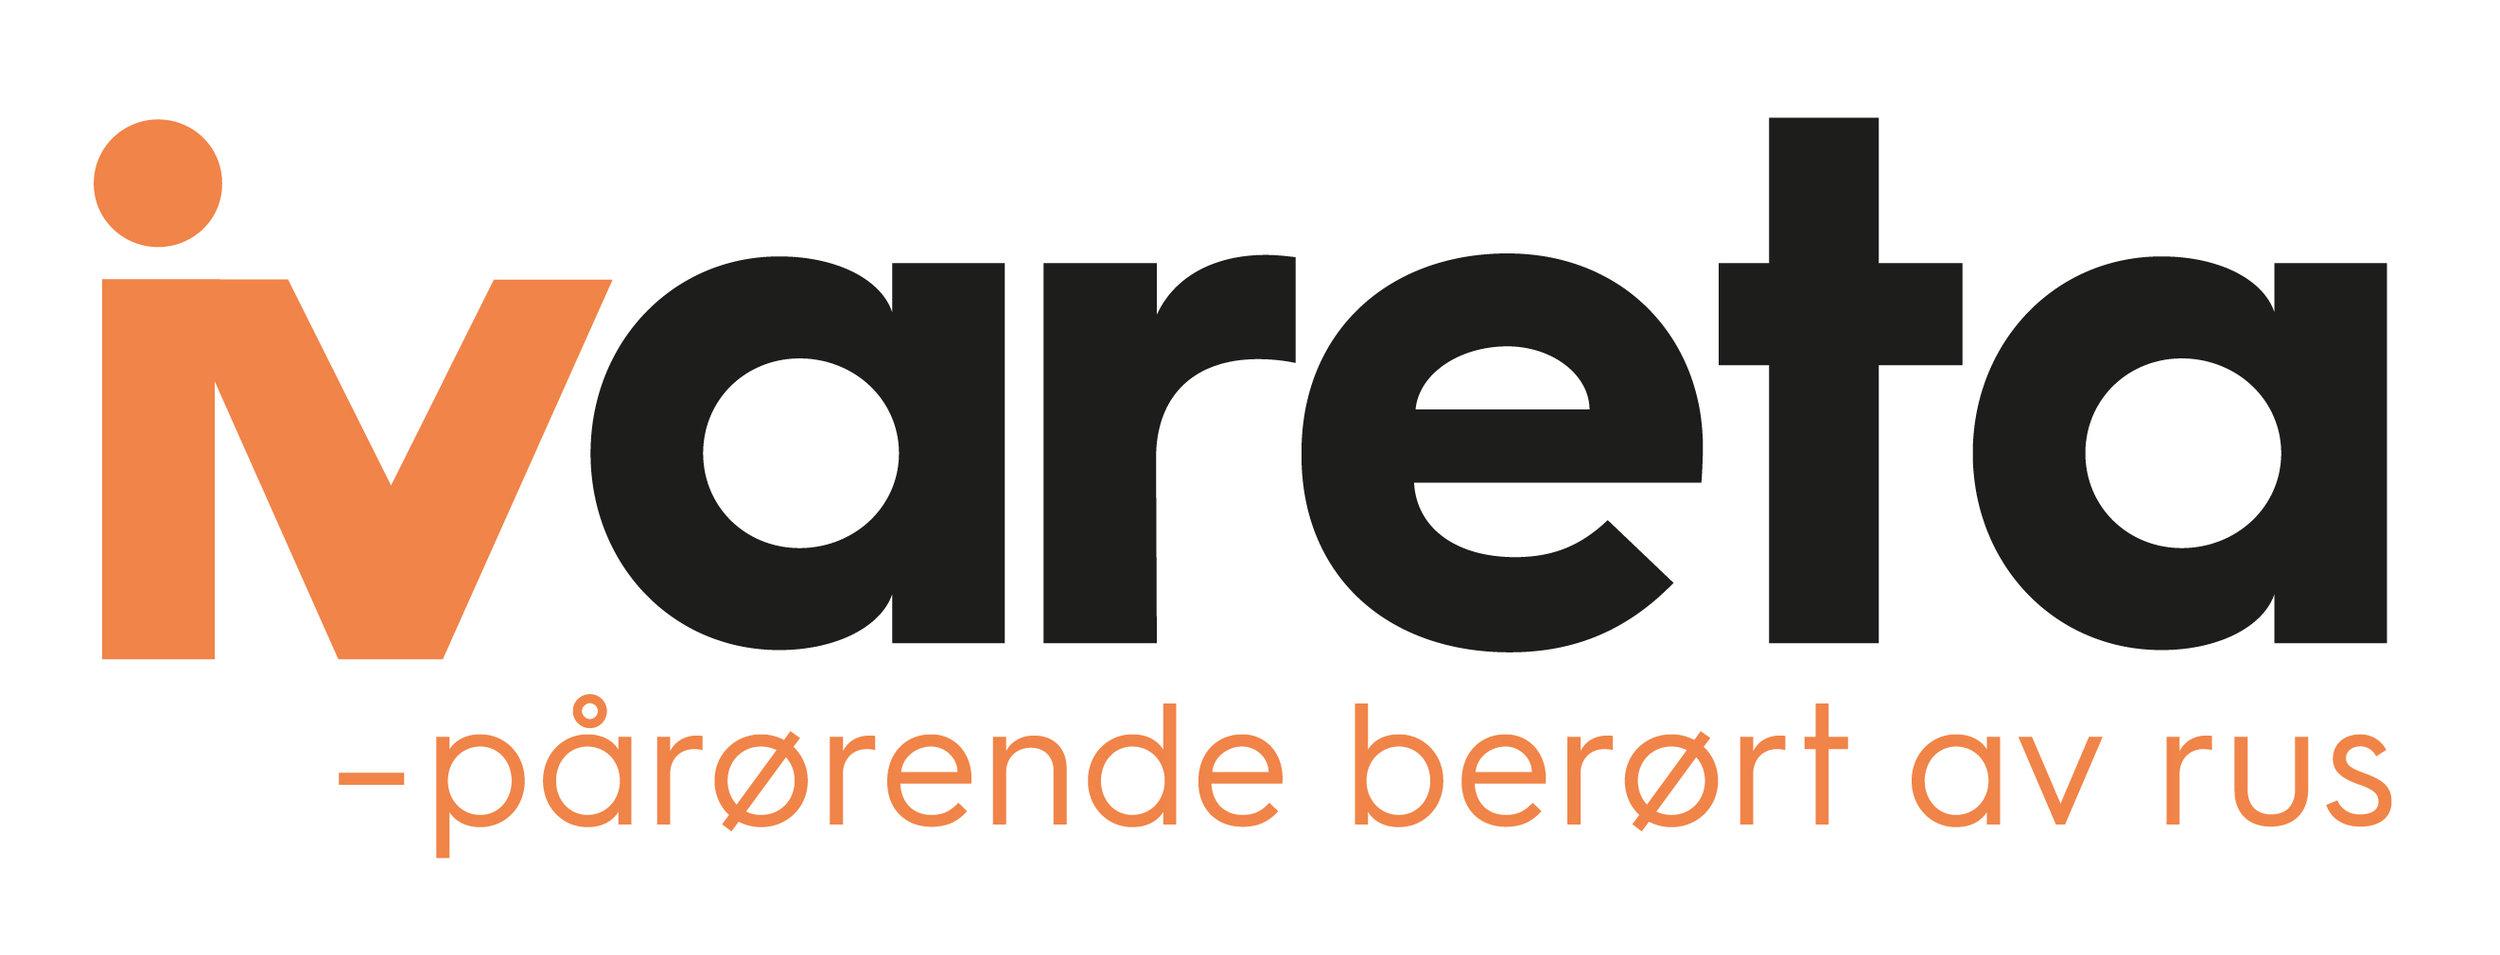 Ivareta - Ivareta er en livssynsnøytral og partipolitisk uavhengig pårørende- og interesseorganisasjon.